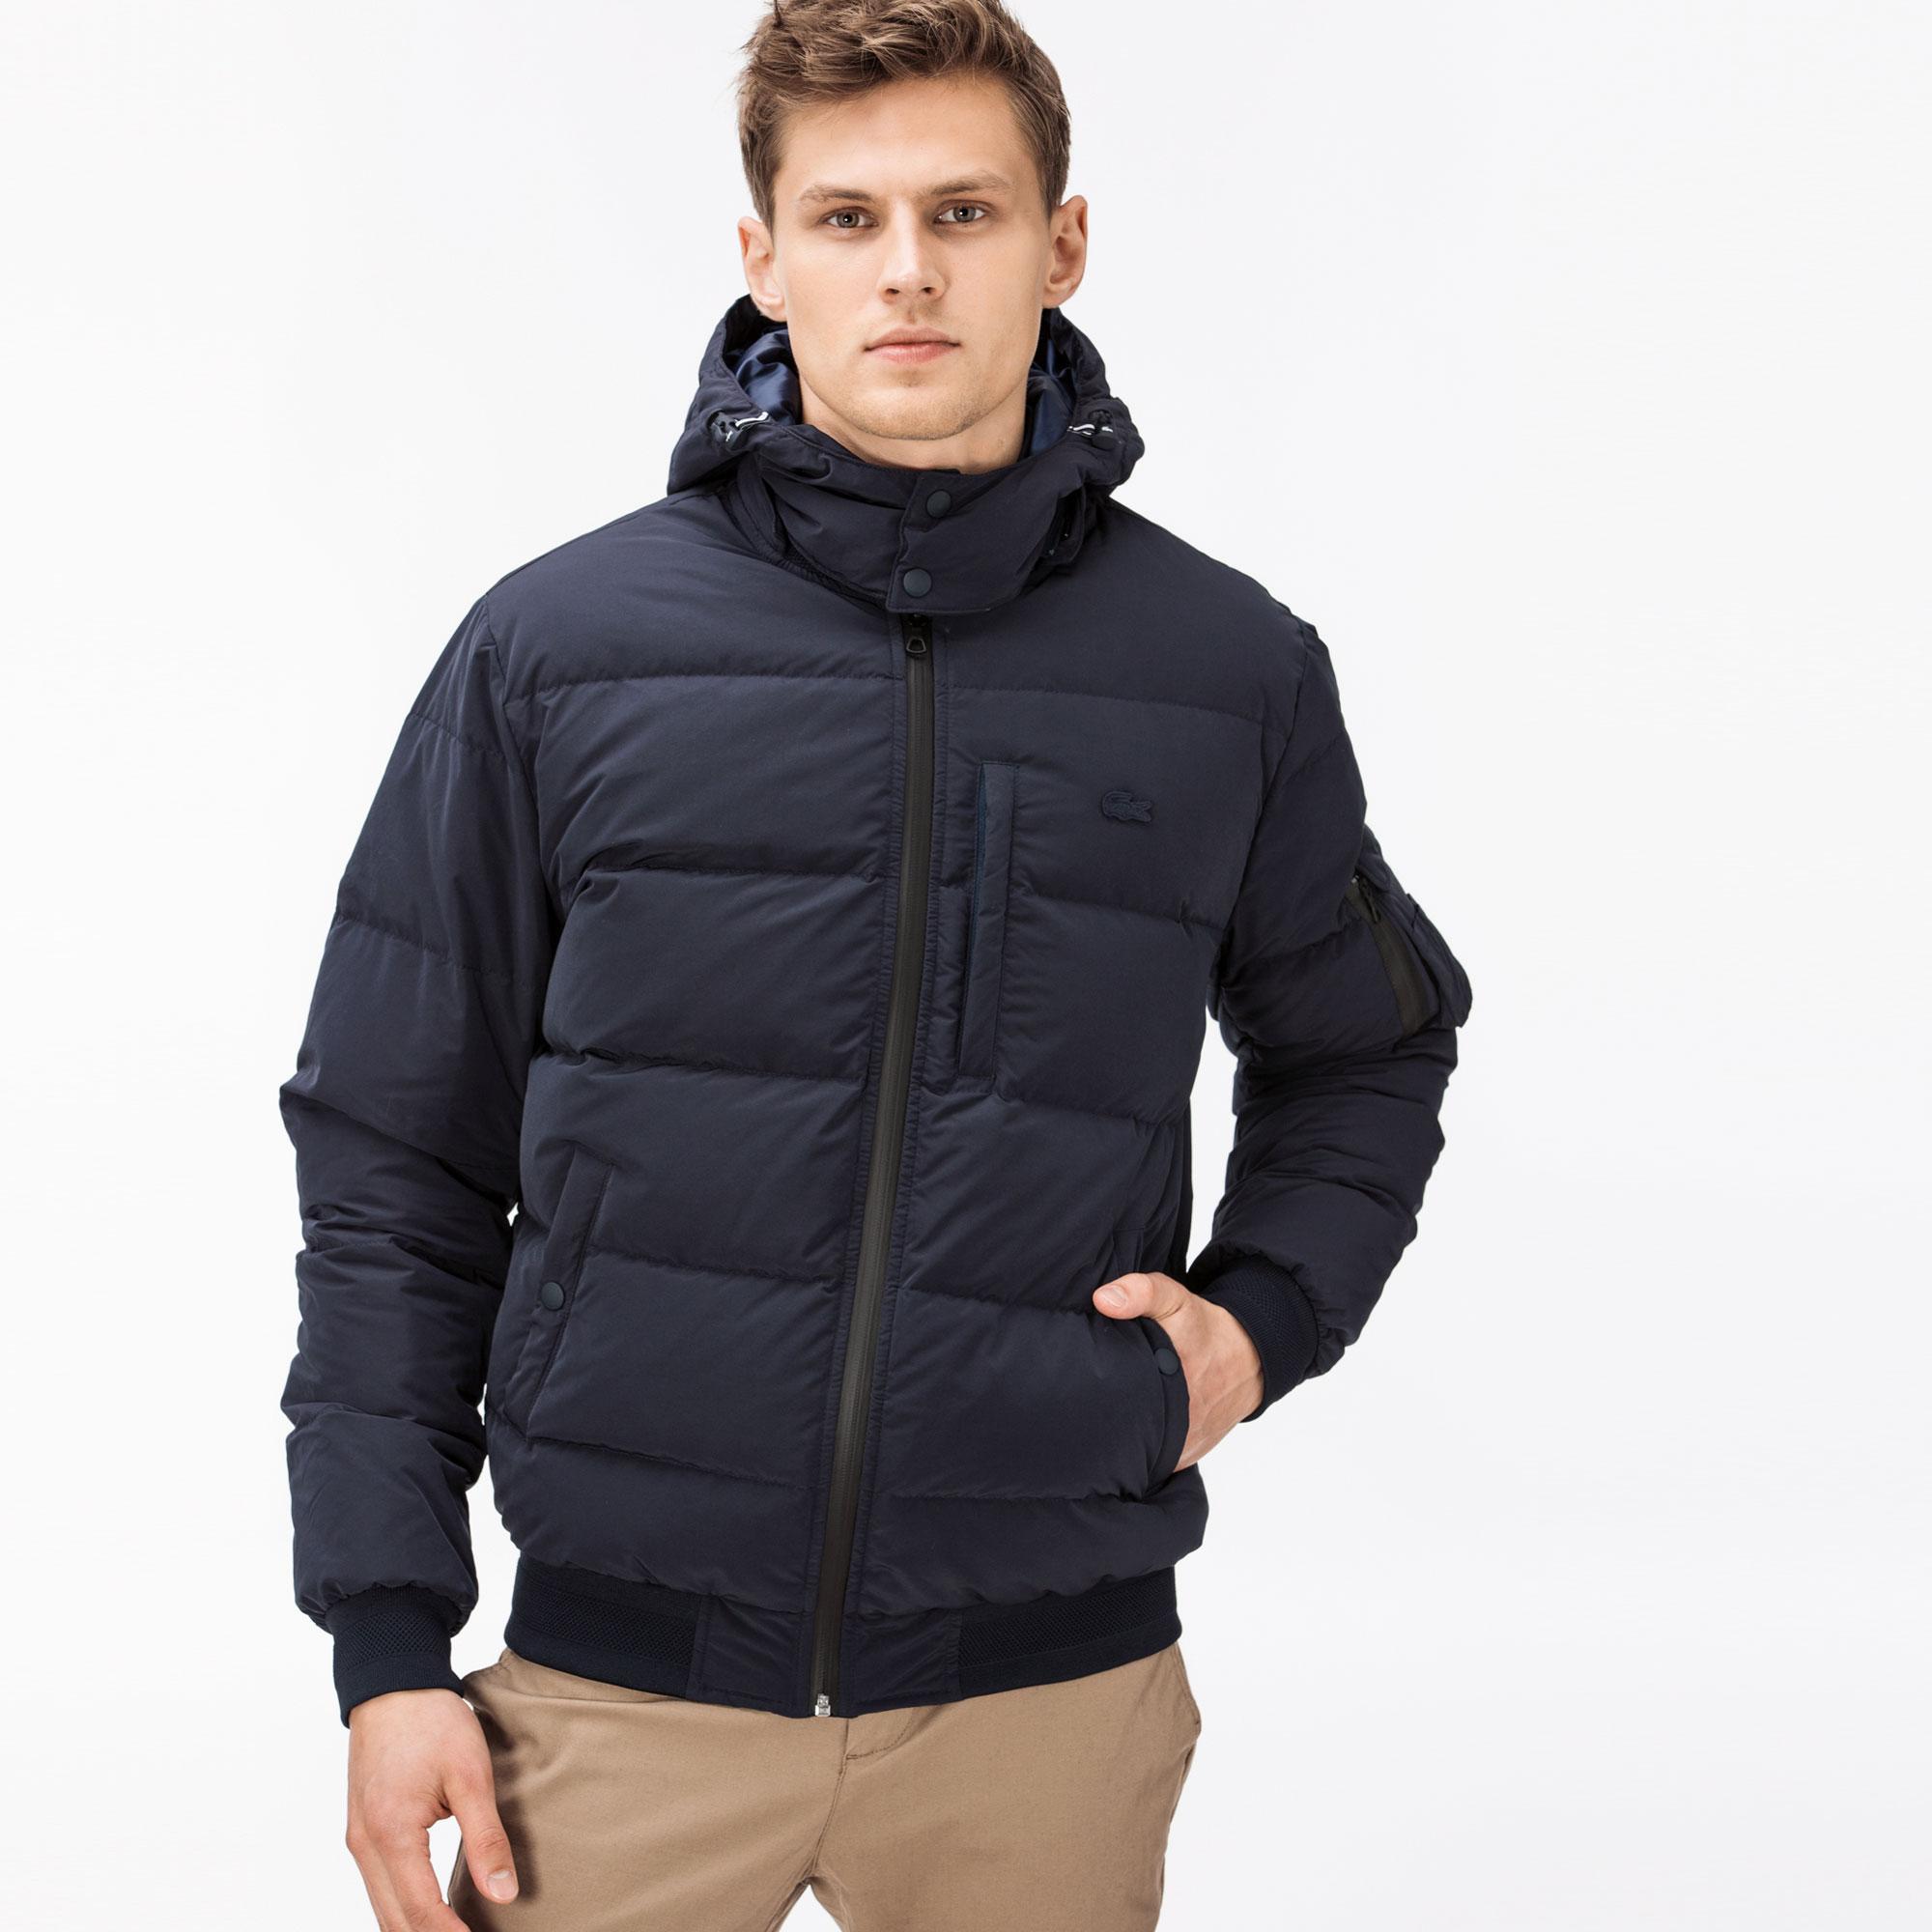 Купить Куртка Lacoste, темно-синий, BH1919